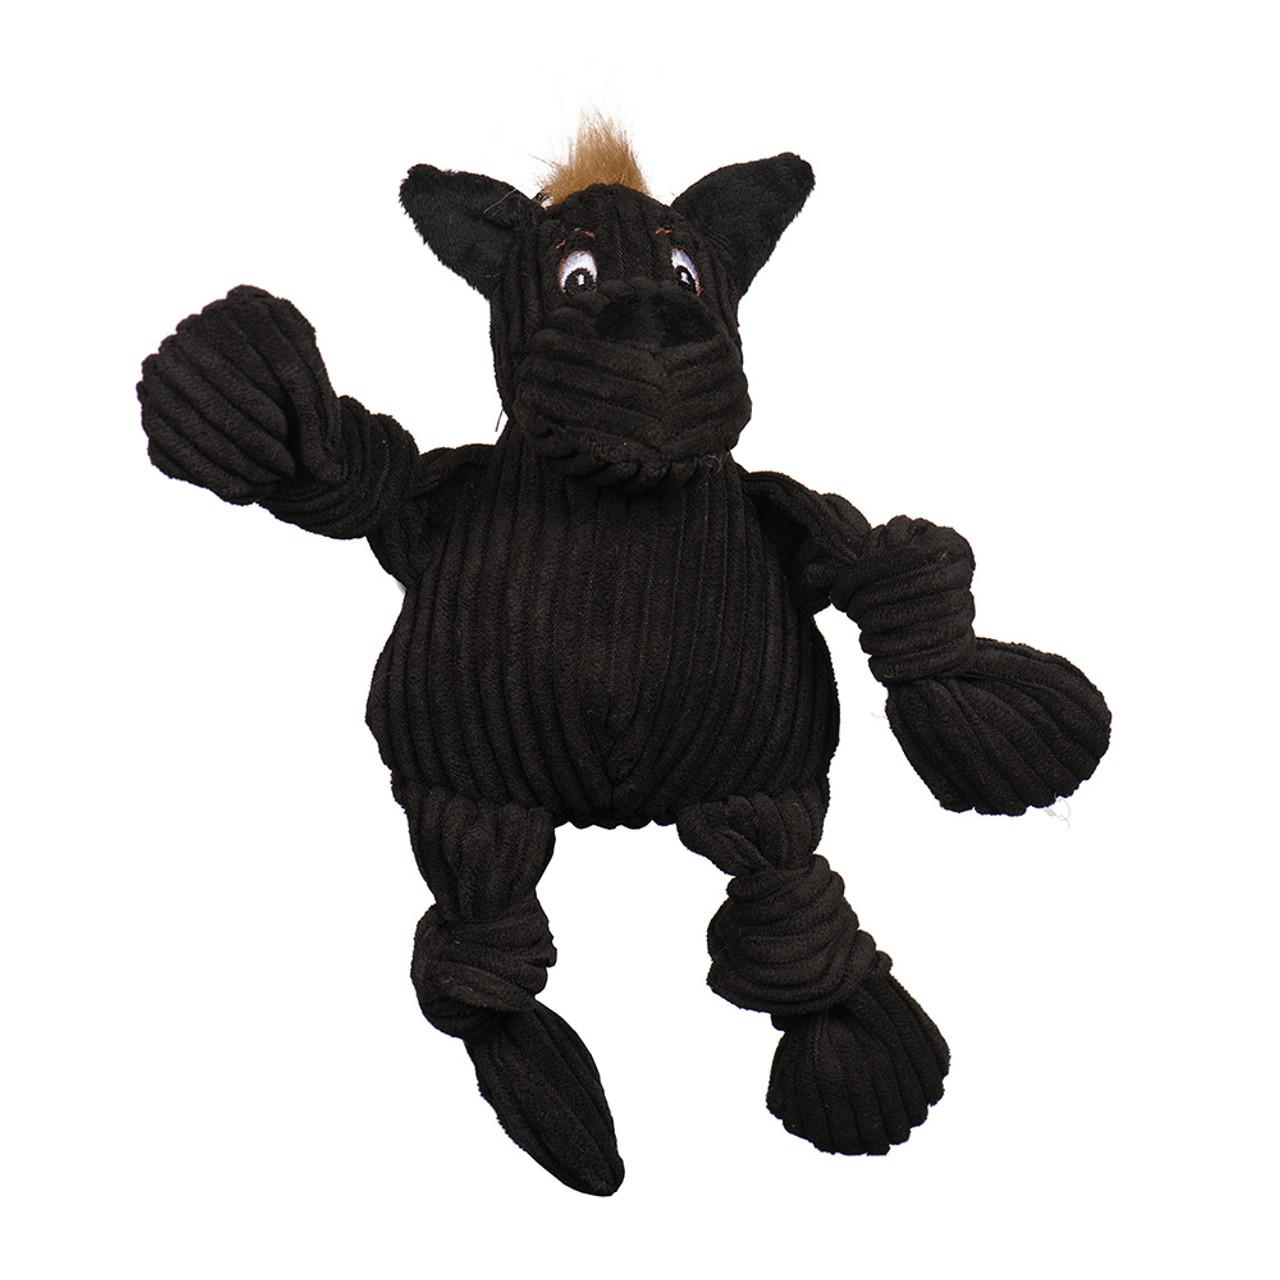 HuggleMutt Tiny Knottie Plush Dog Toy